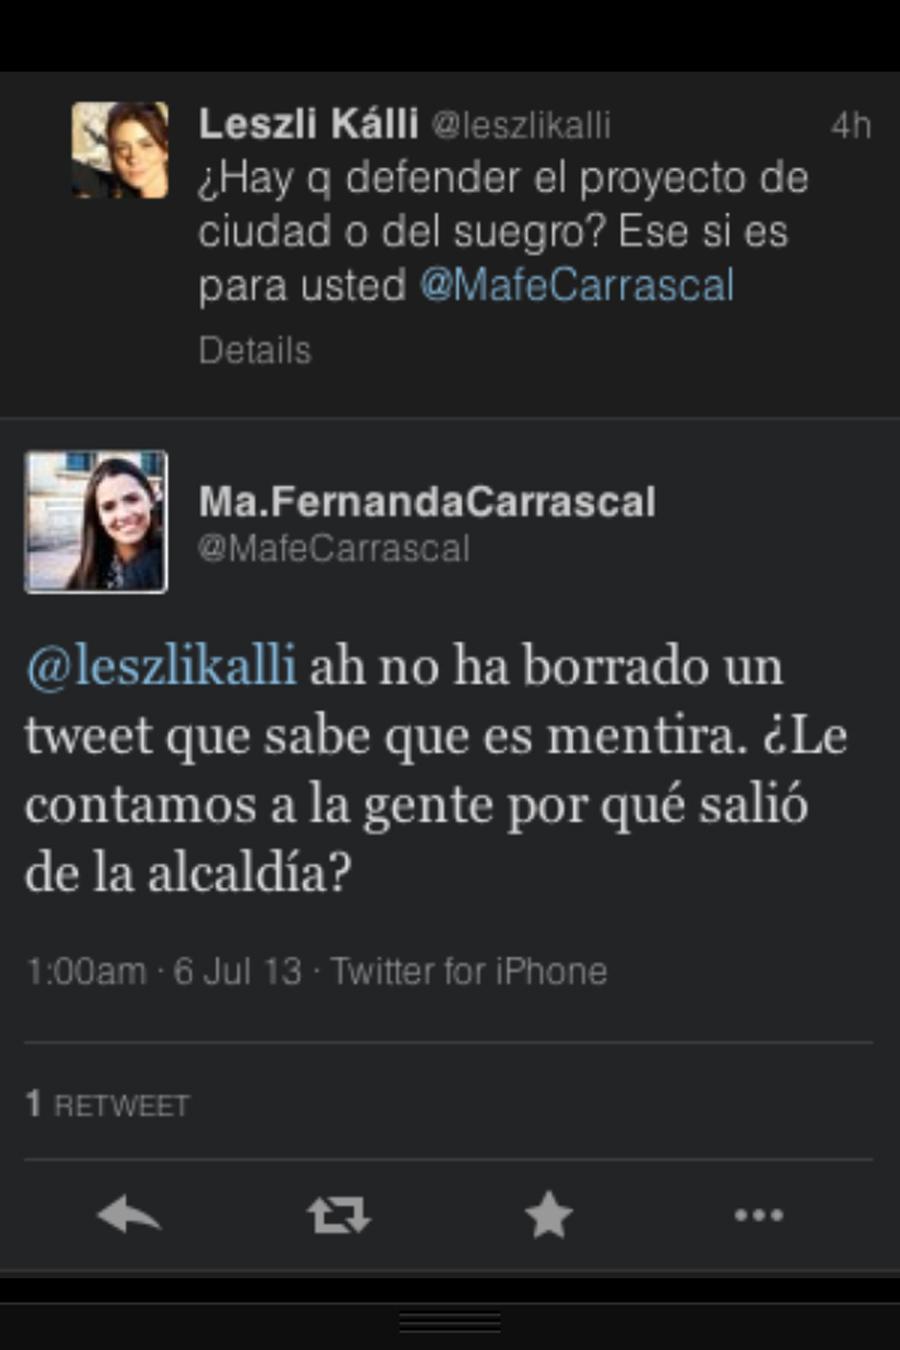 Mafe Carrascal, Leszli Kalli